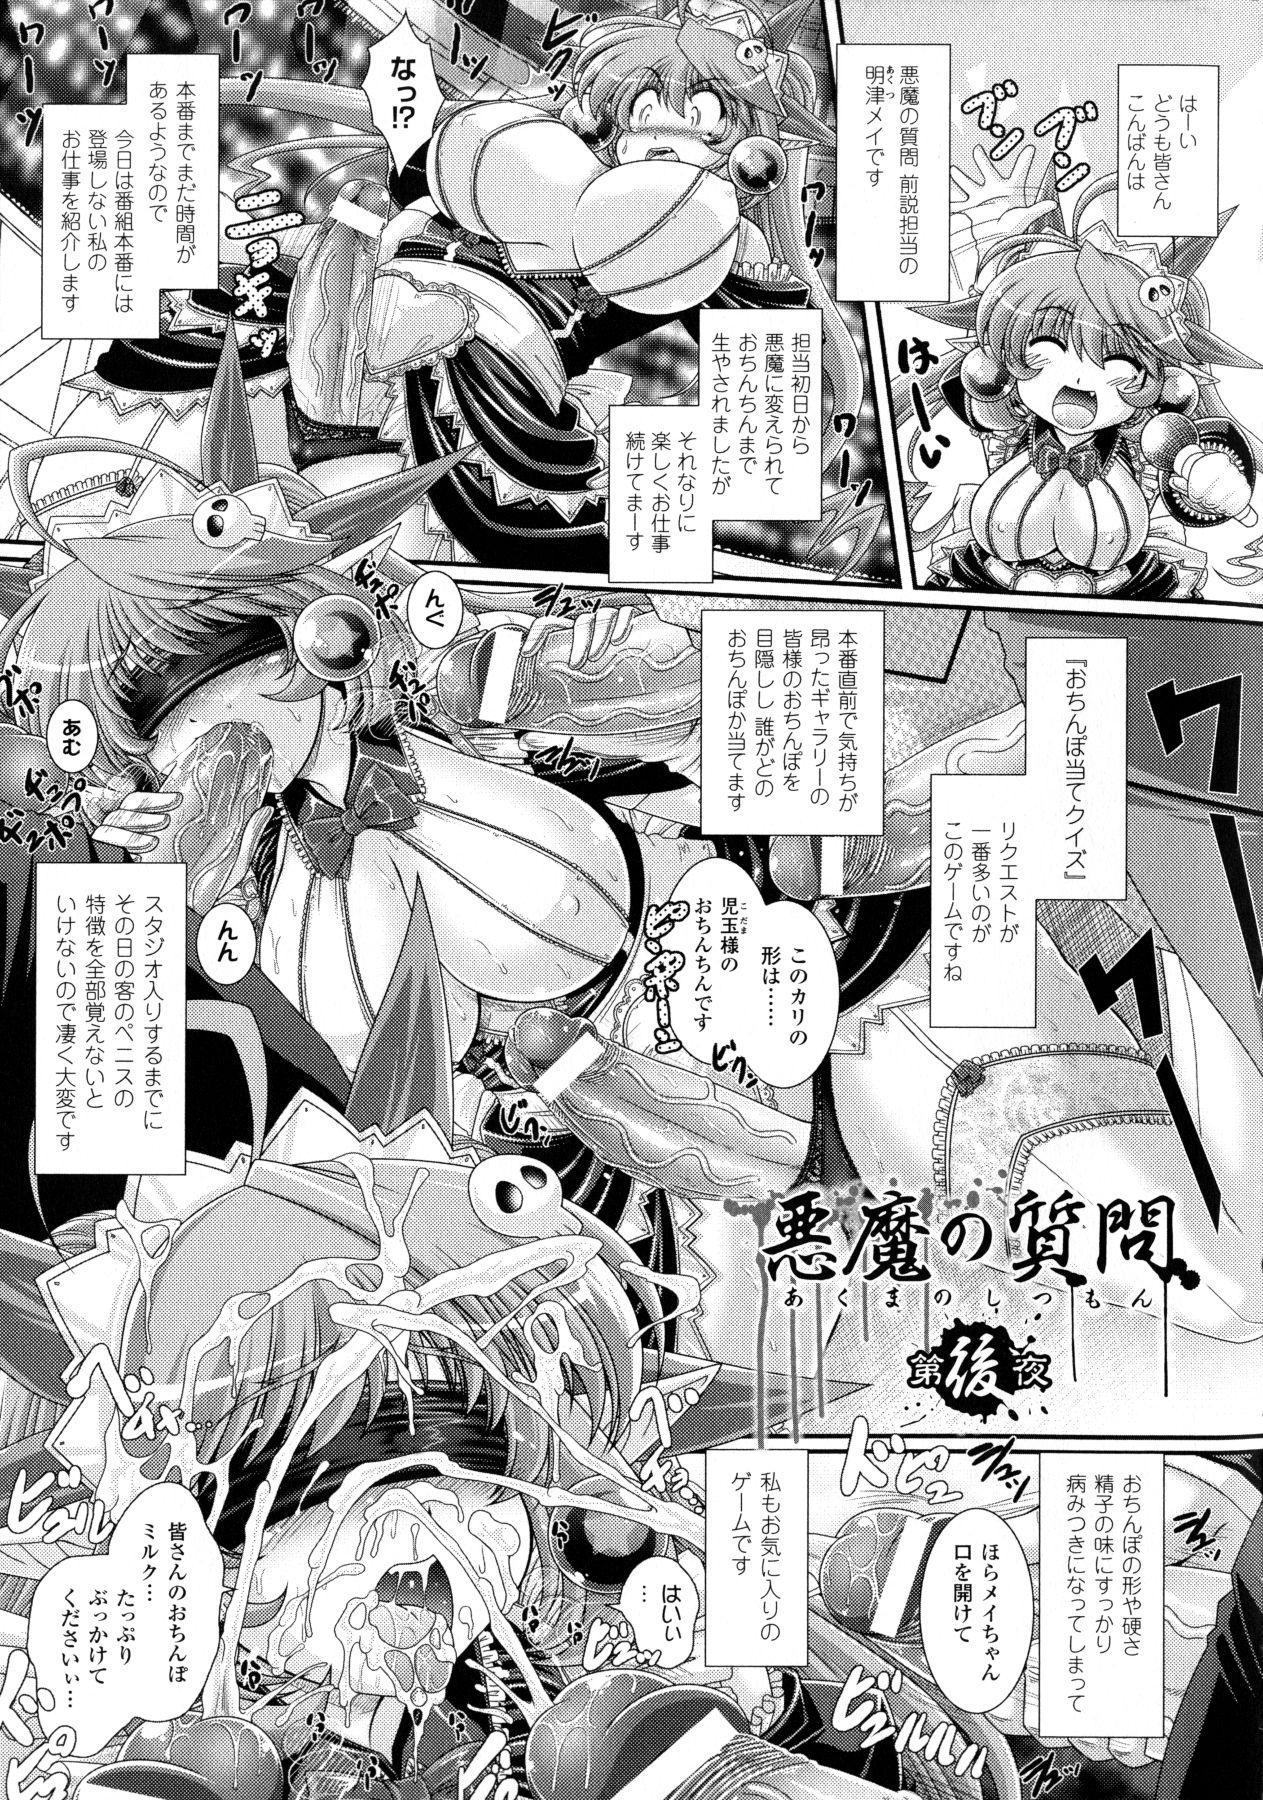 Akuma no Shitsumon 175